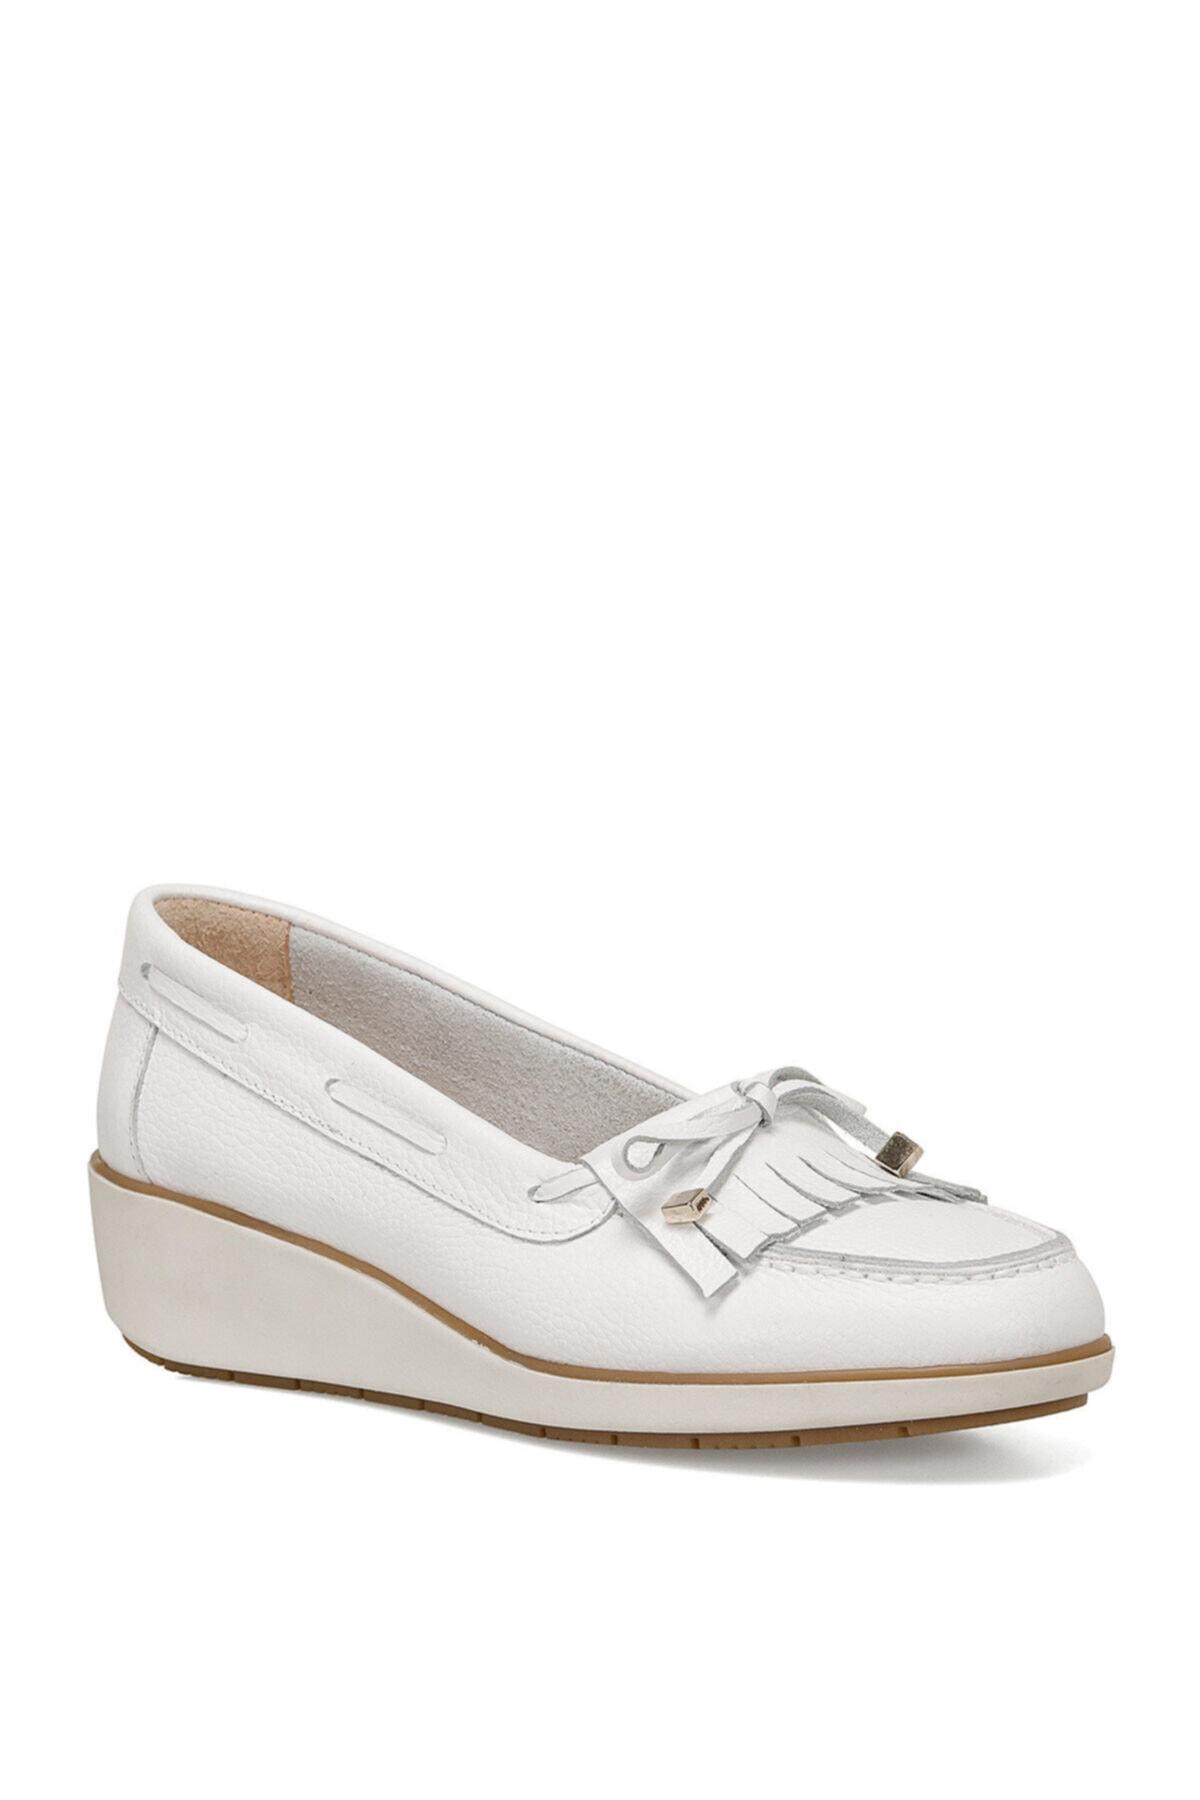 Nine West AGHA Beyaz Kadın Sandalet 100525897 2